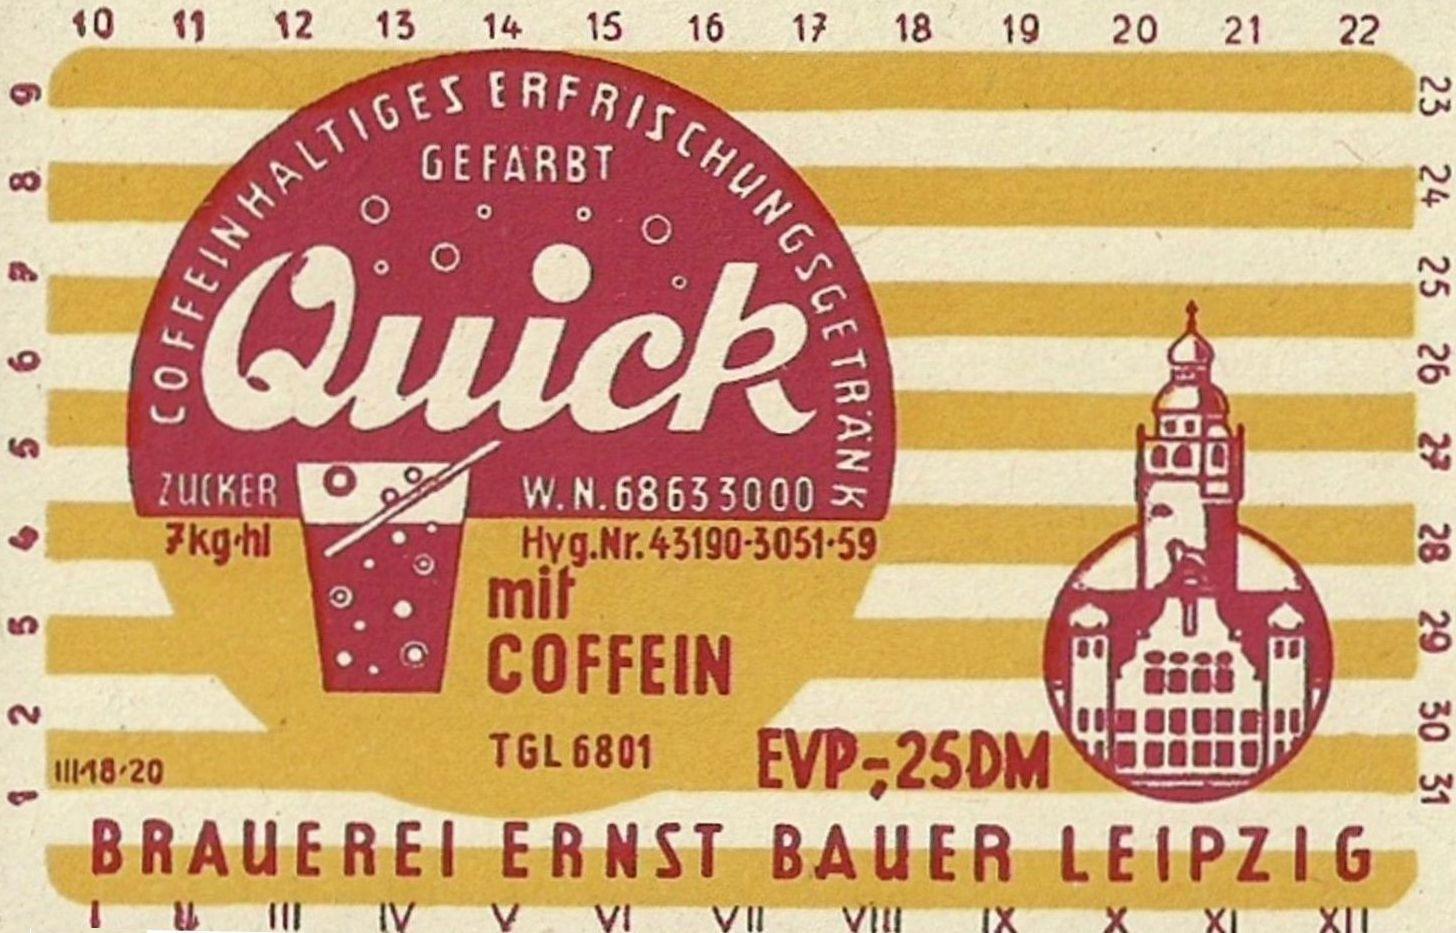 Quick Cola, Brauerei Ernst Bauer Leipzig (Bild: historisches Etikett)